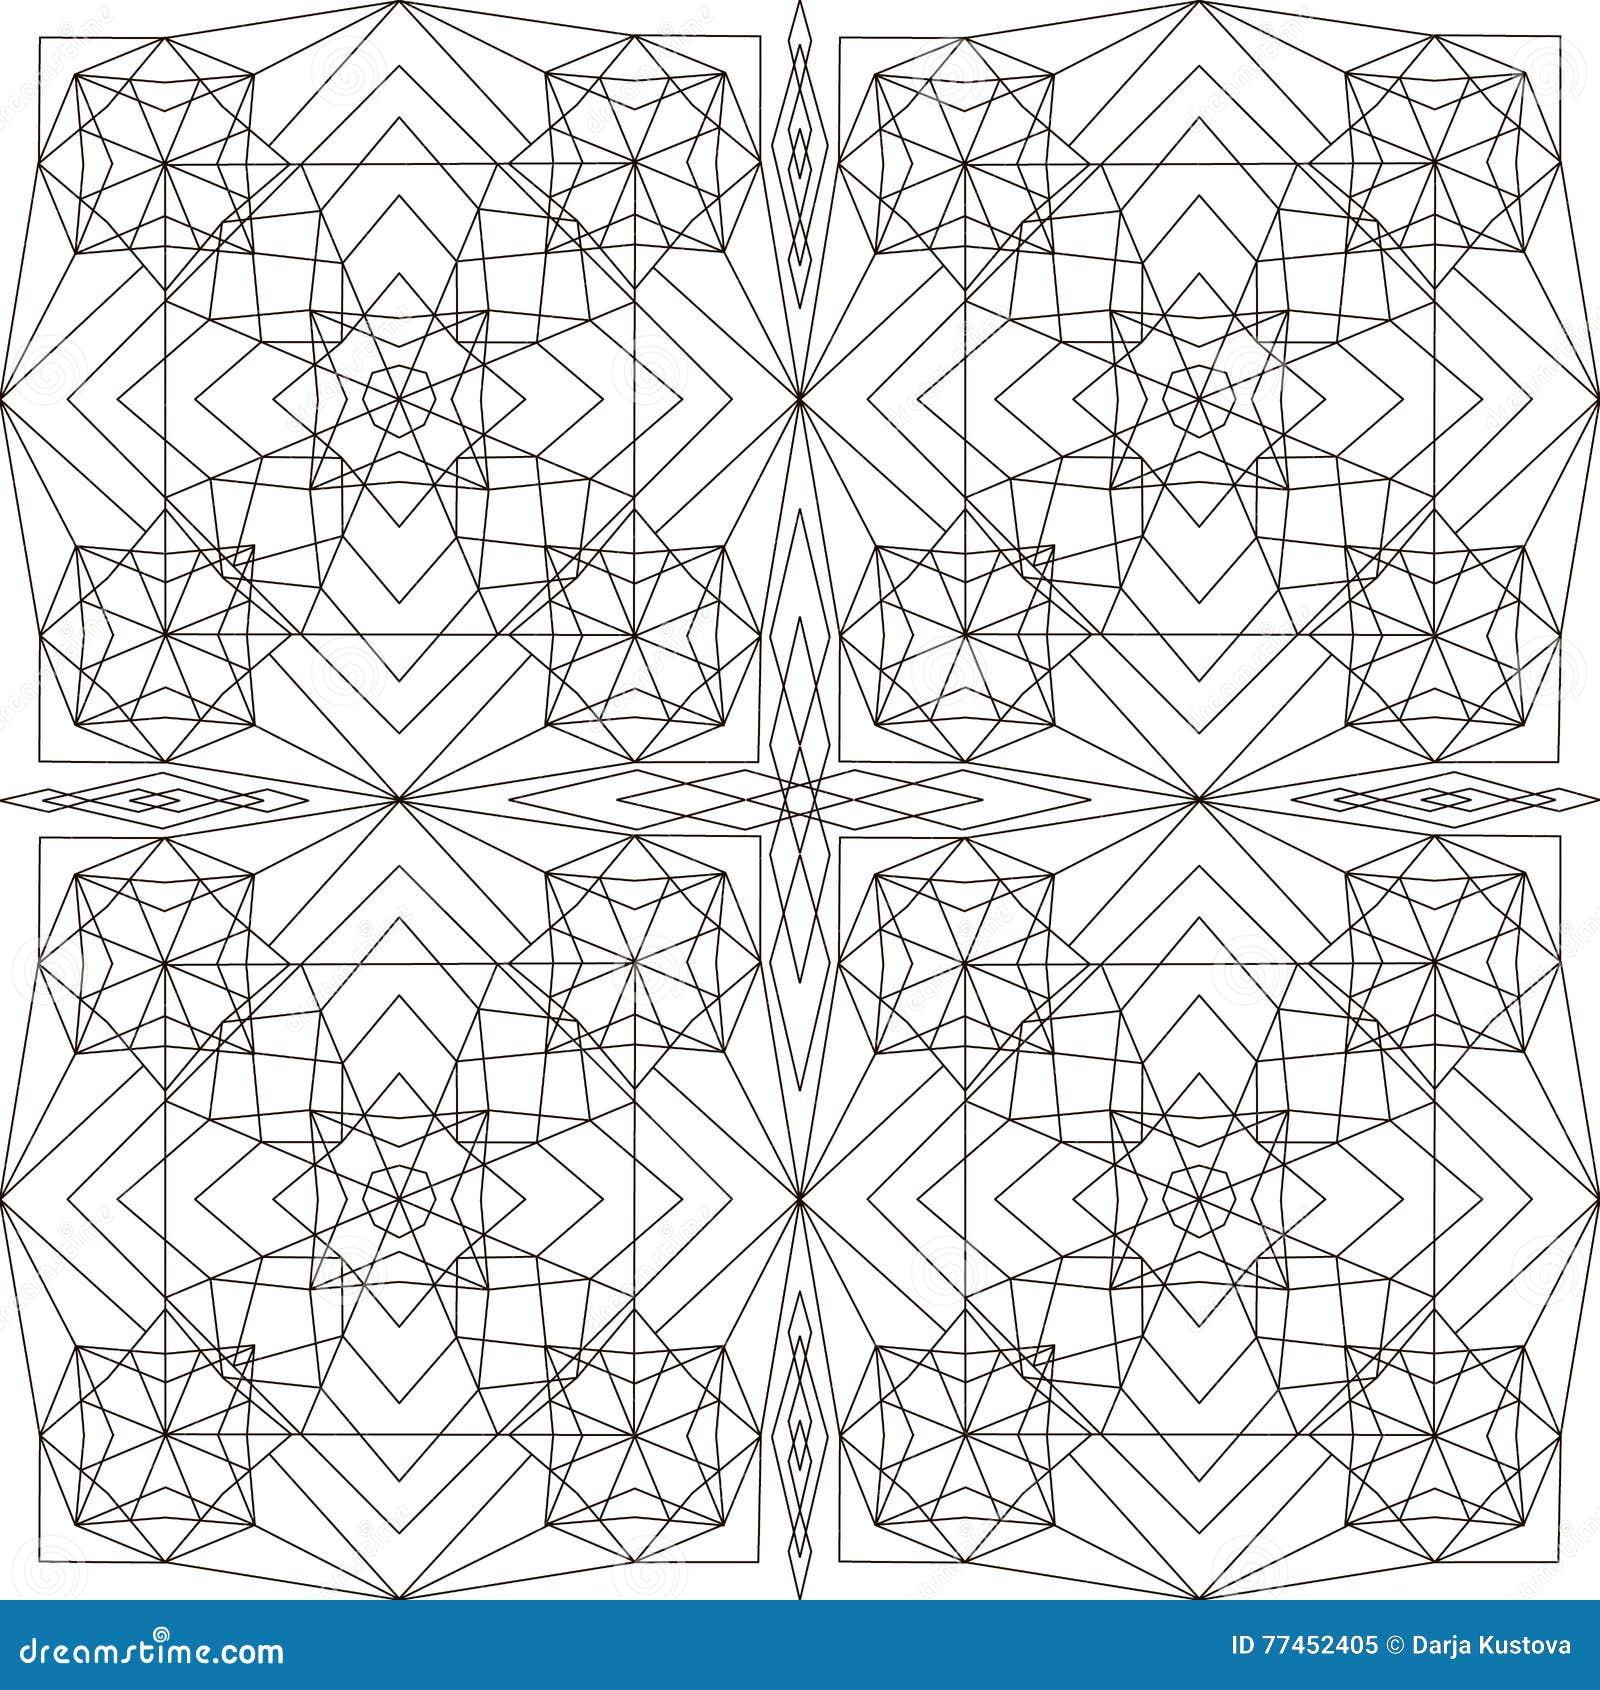 Ziemlich Frei Druckbare Geometrische Malvorlagen Bilder ...